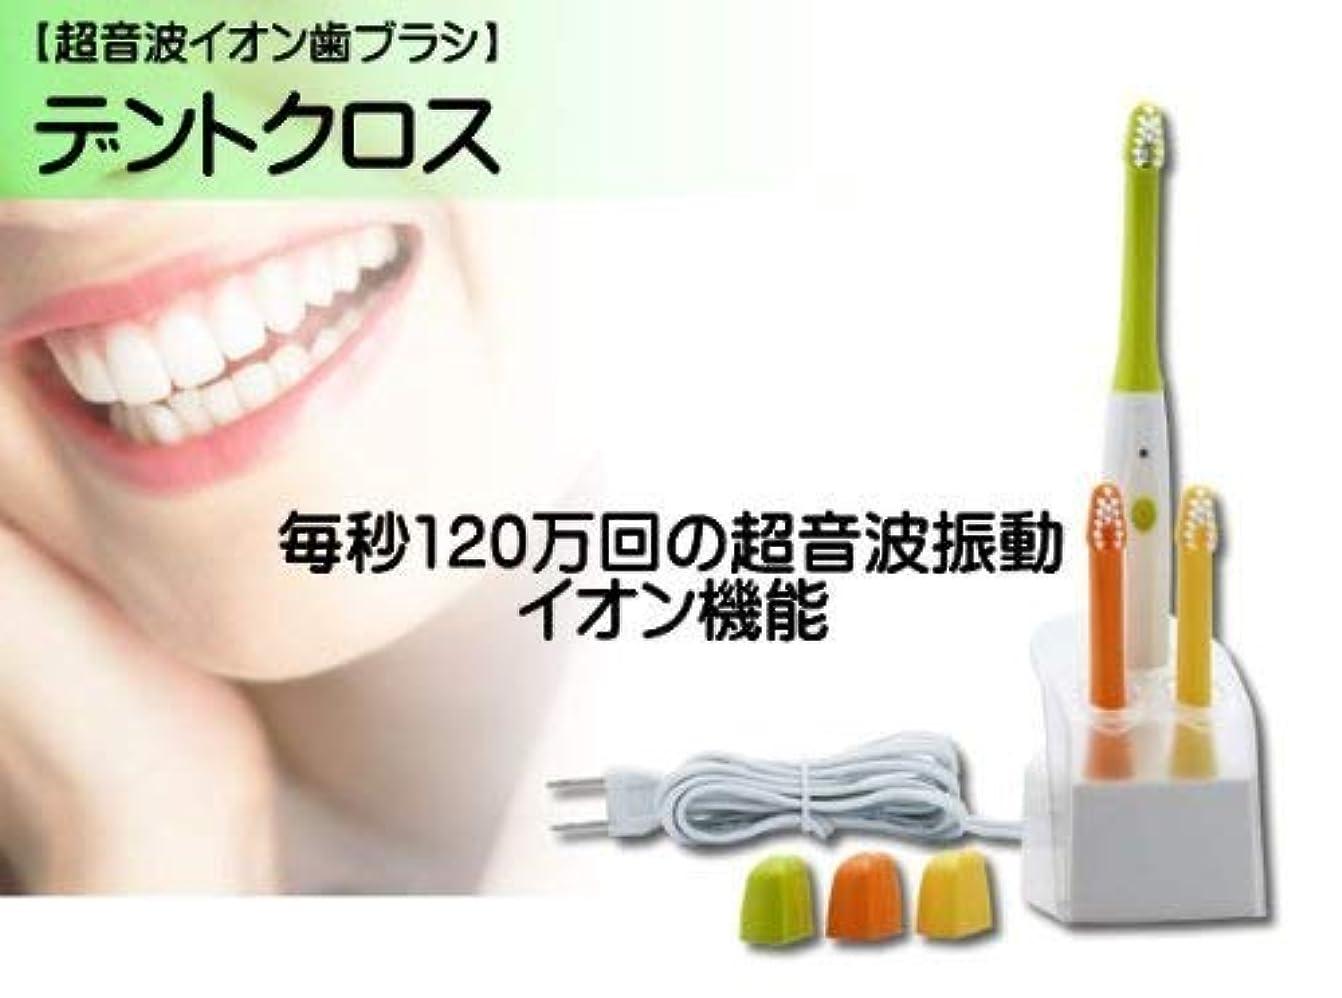 万歳カンガルー観察する超音波歯ブラシ Supersonic×Ion Toothbrush PURO i